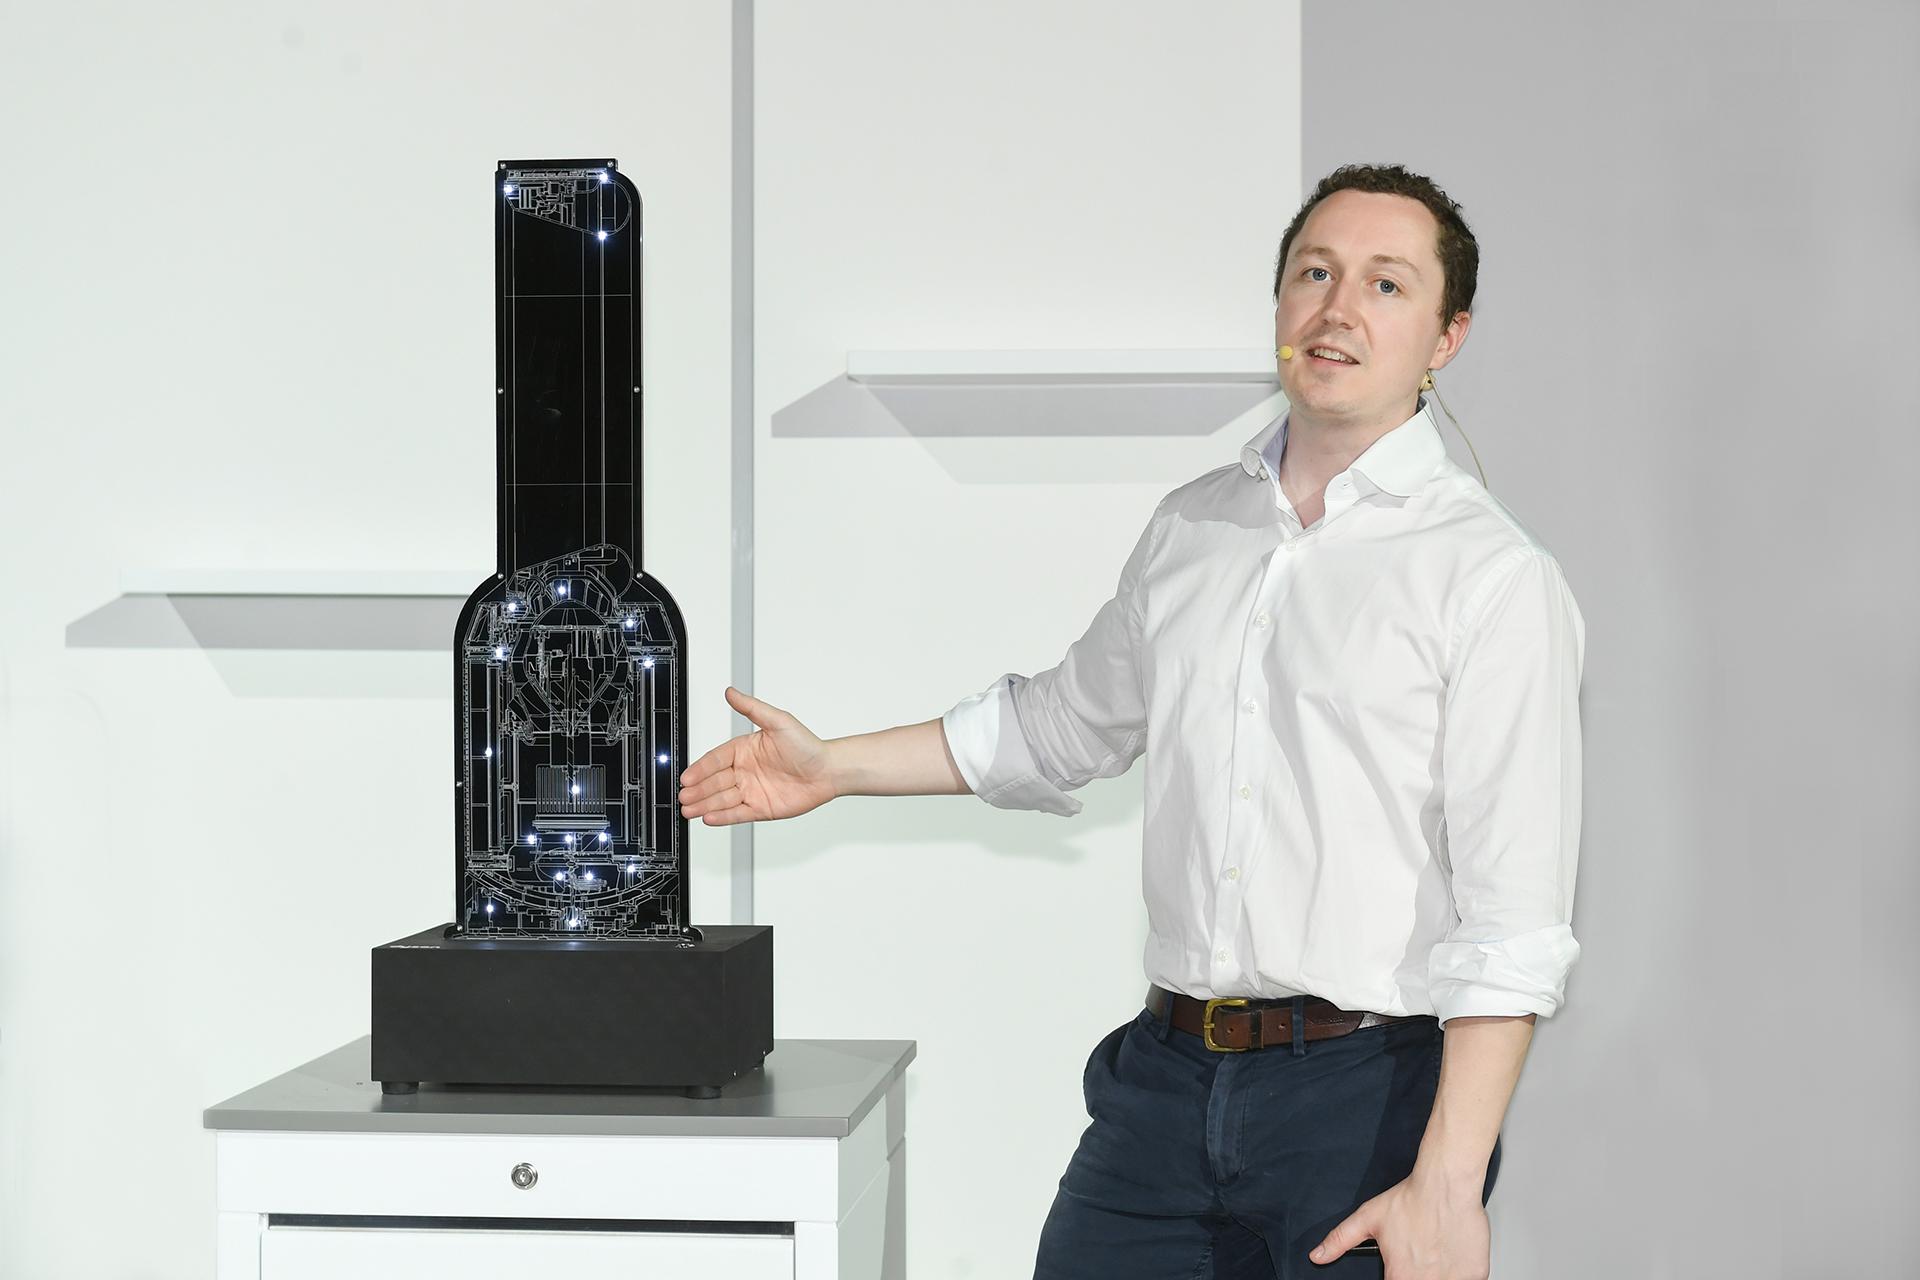 戴森上海科技实验室负责人Archie Henderson现场展示戴森整机HEPA密封原理